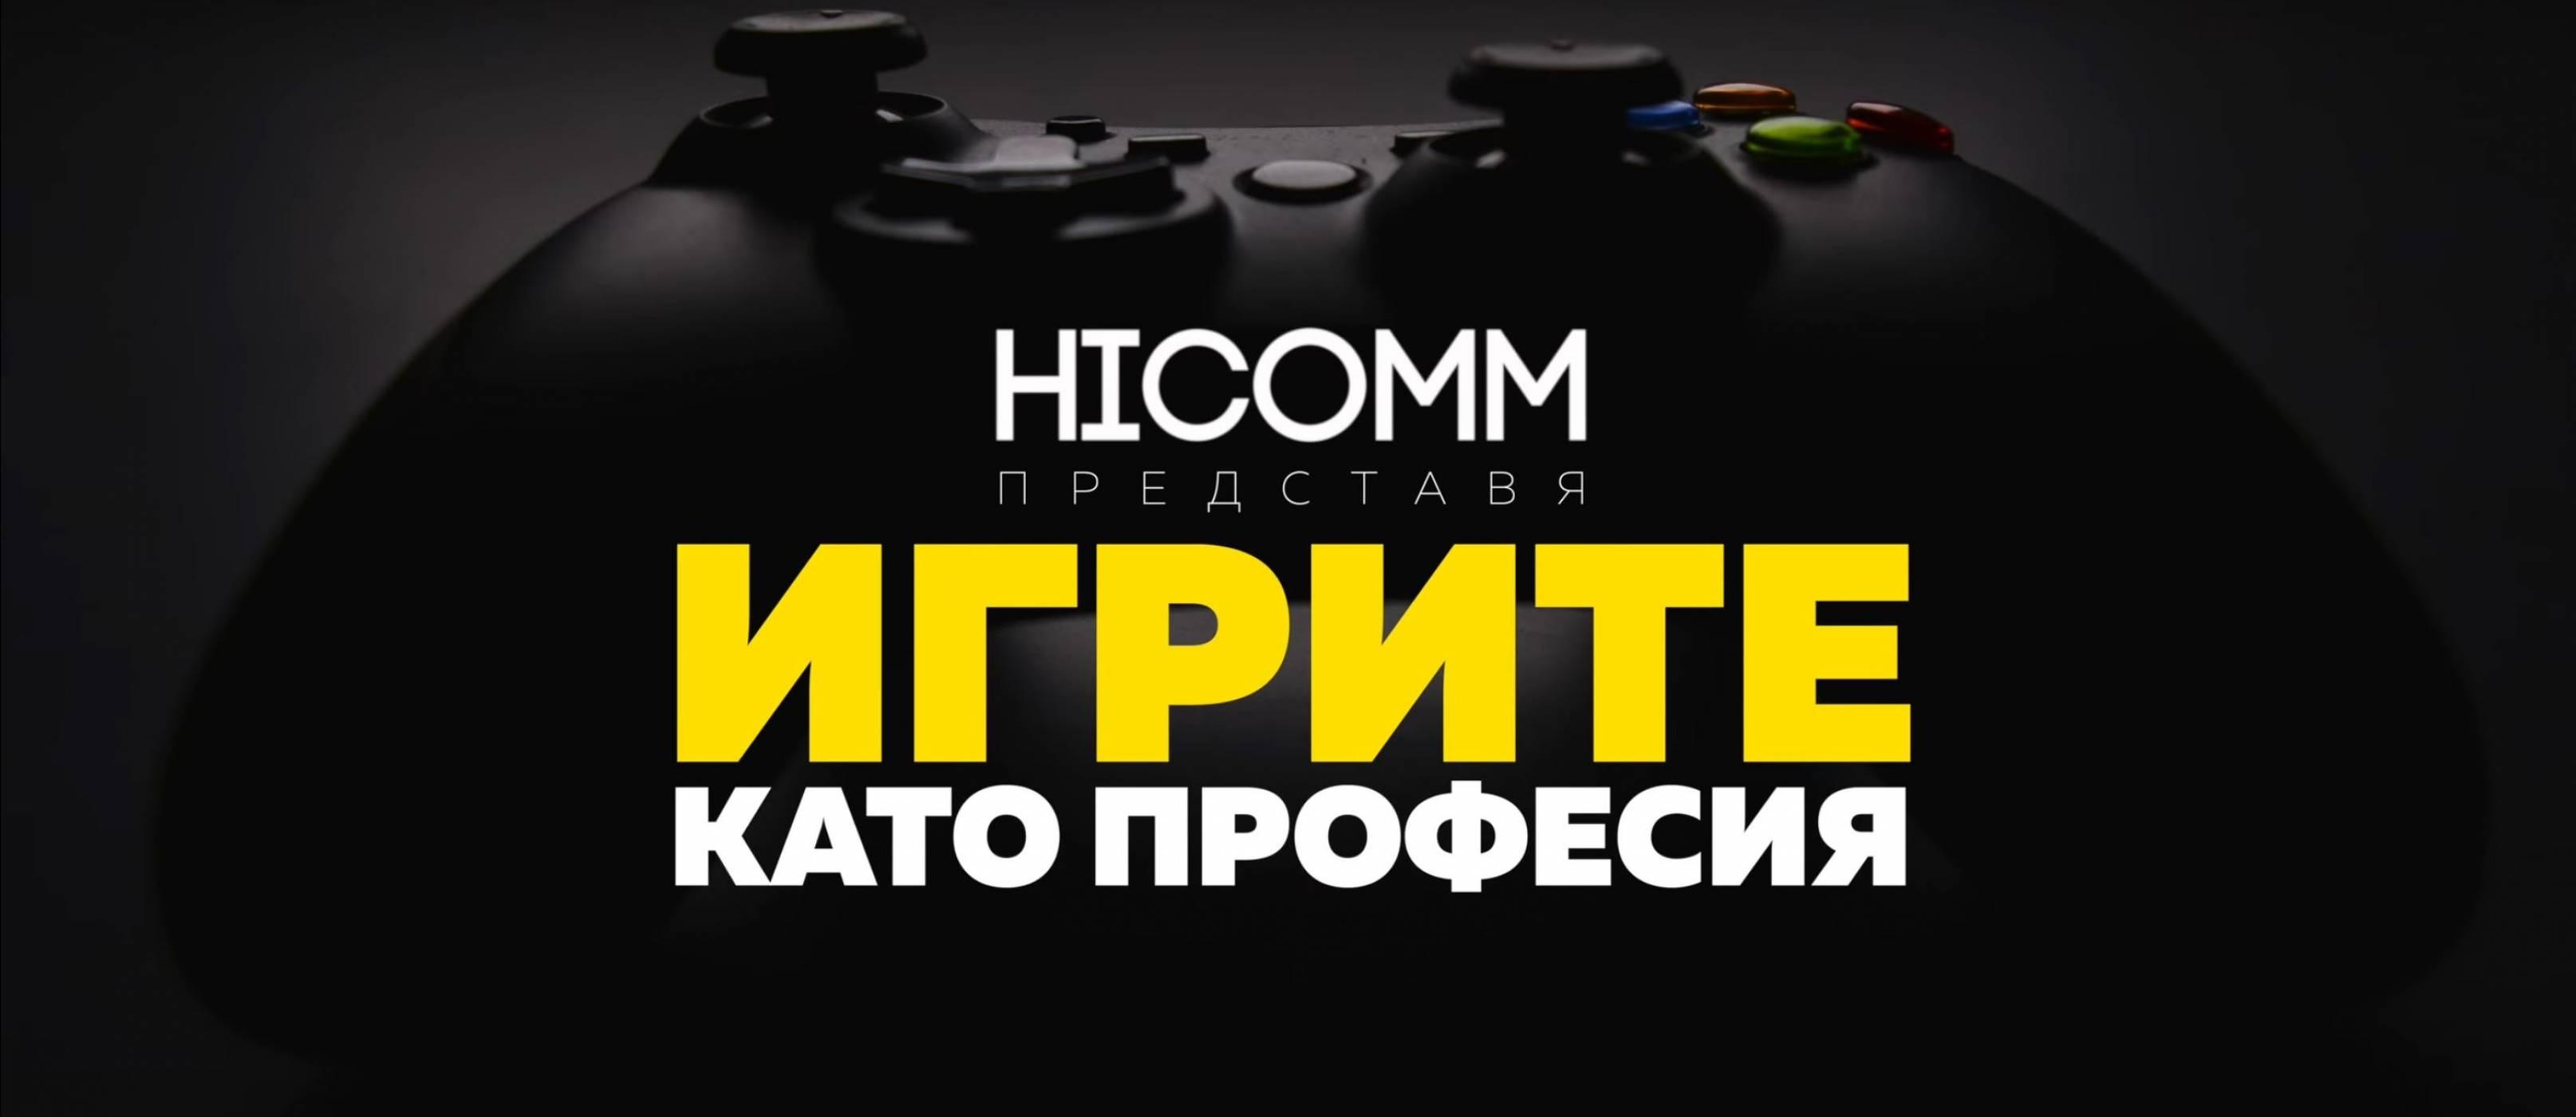 Игрите като професия, S03E04: Композитор на музика за видеоигри